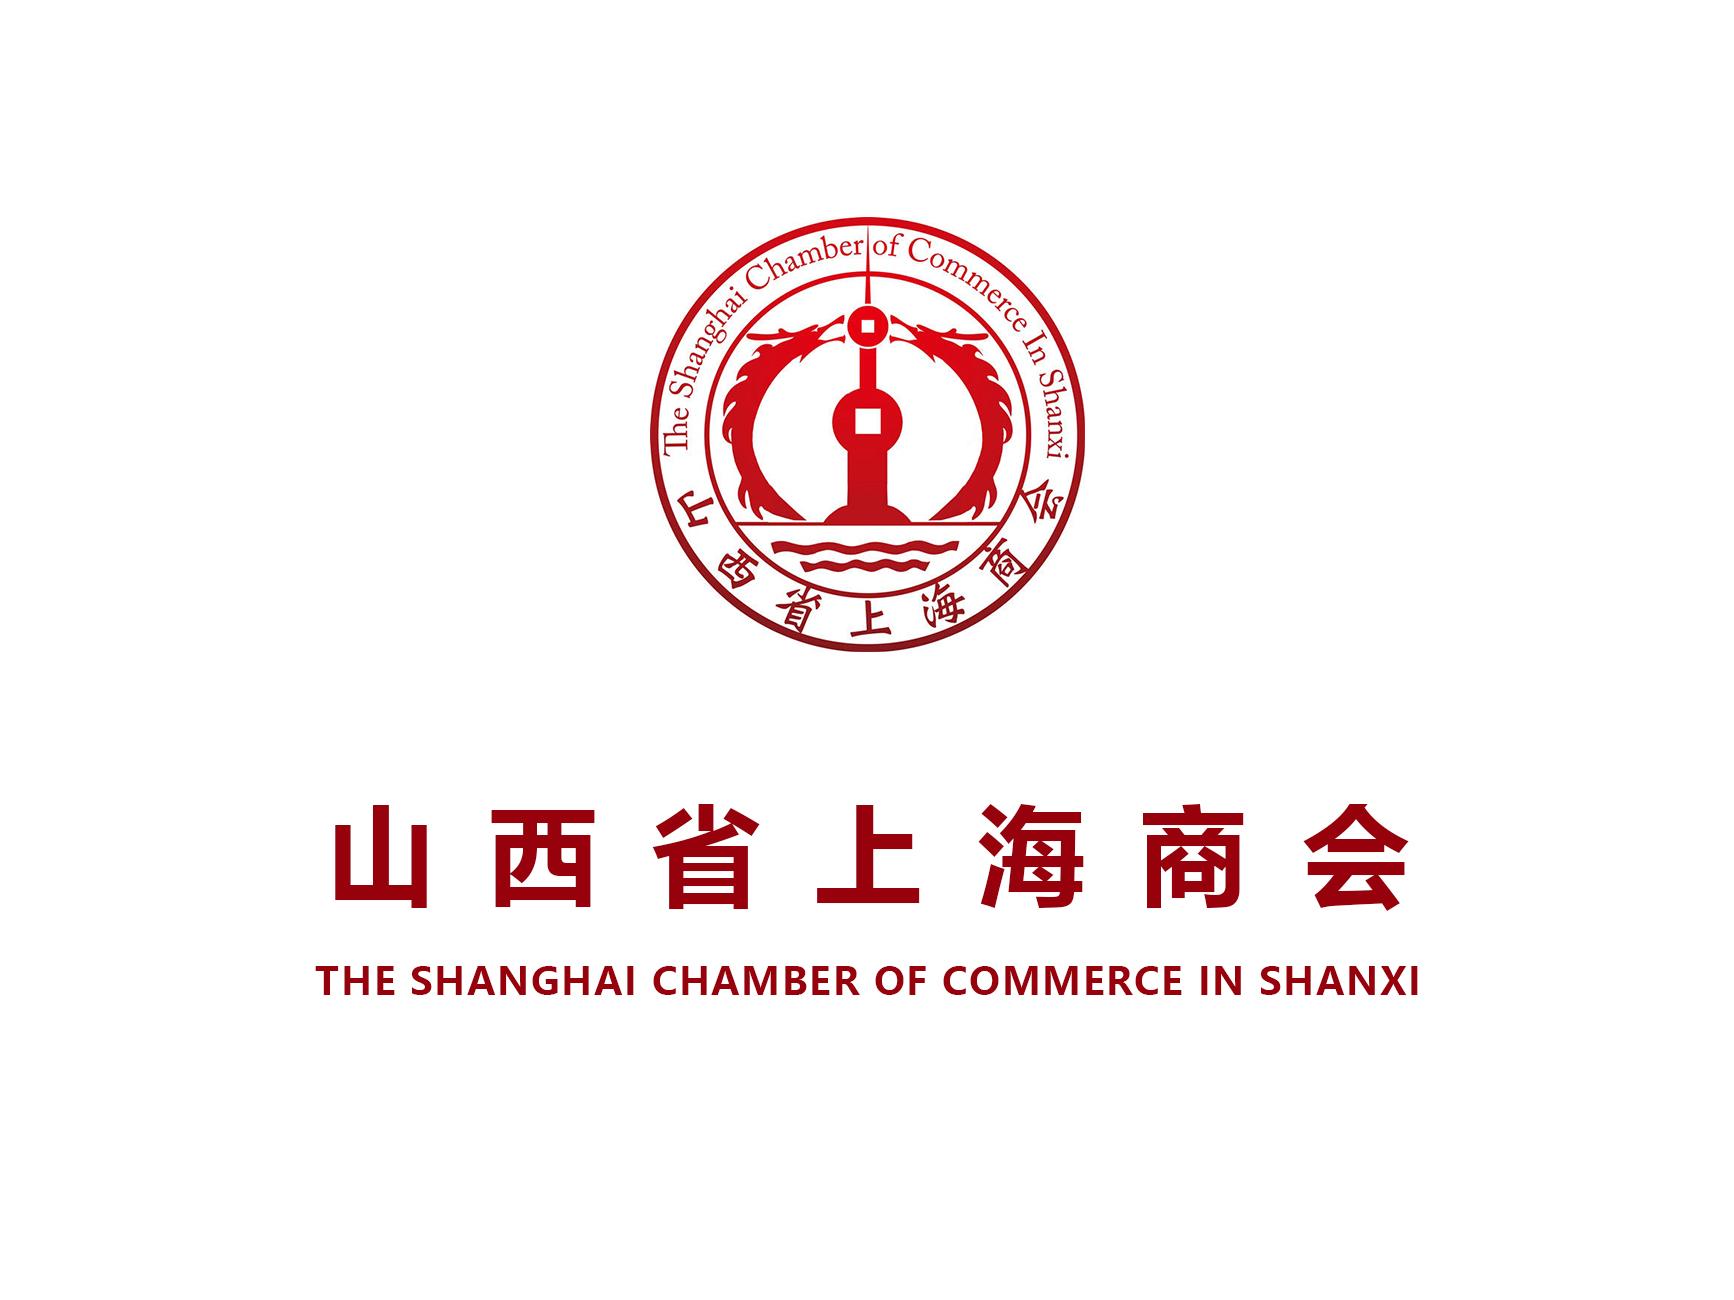 山西省上海商会——推动沪晋发展